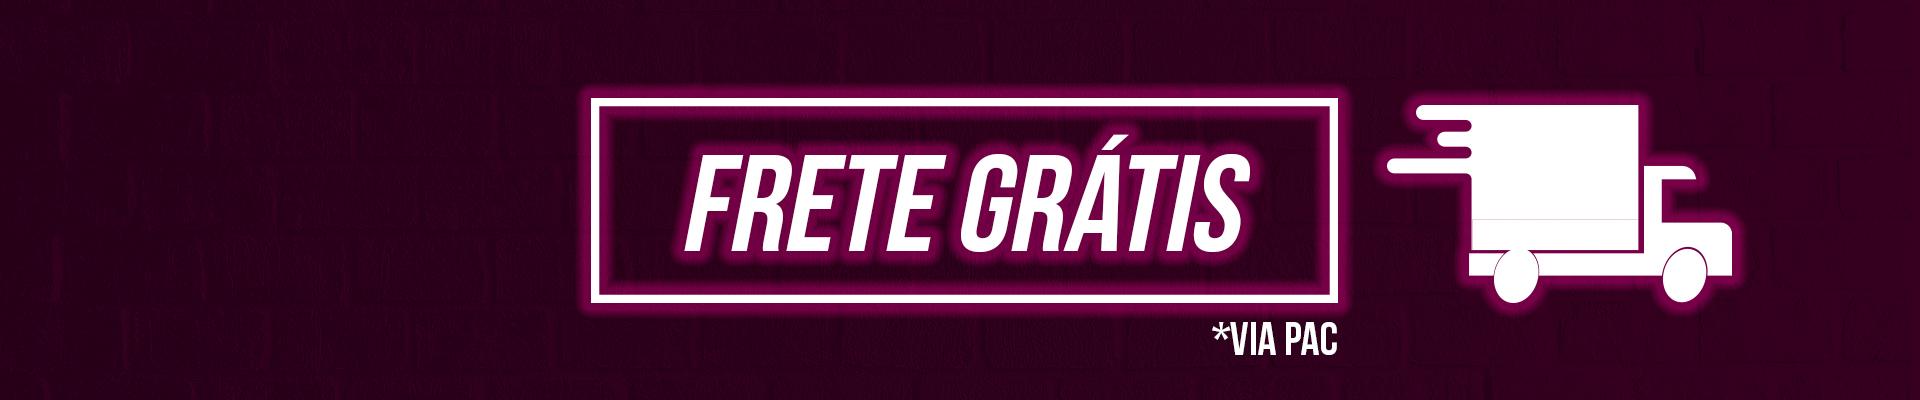 Frete_Gratis_Ago_19